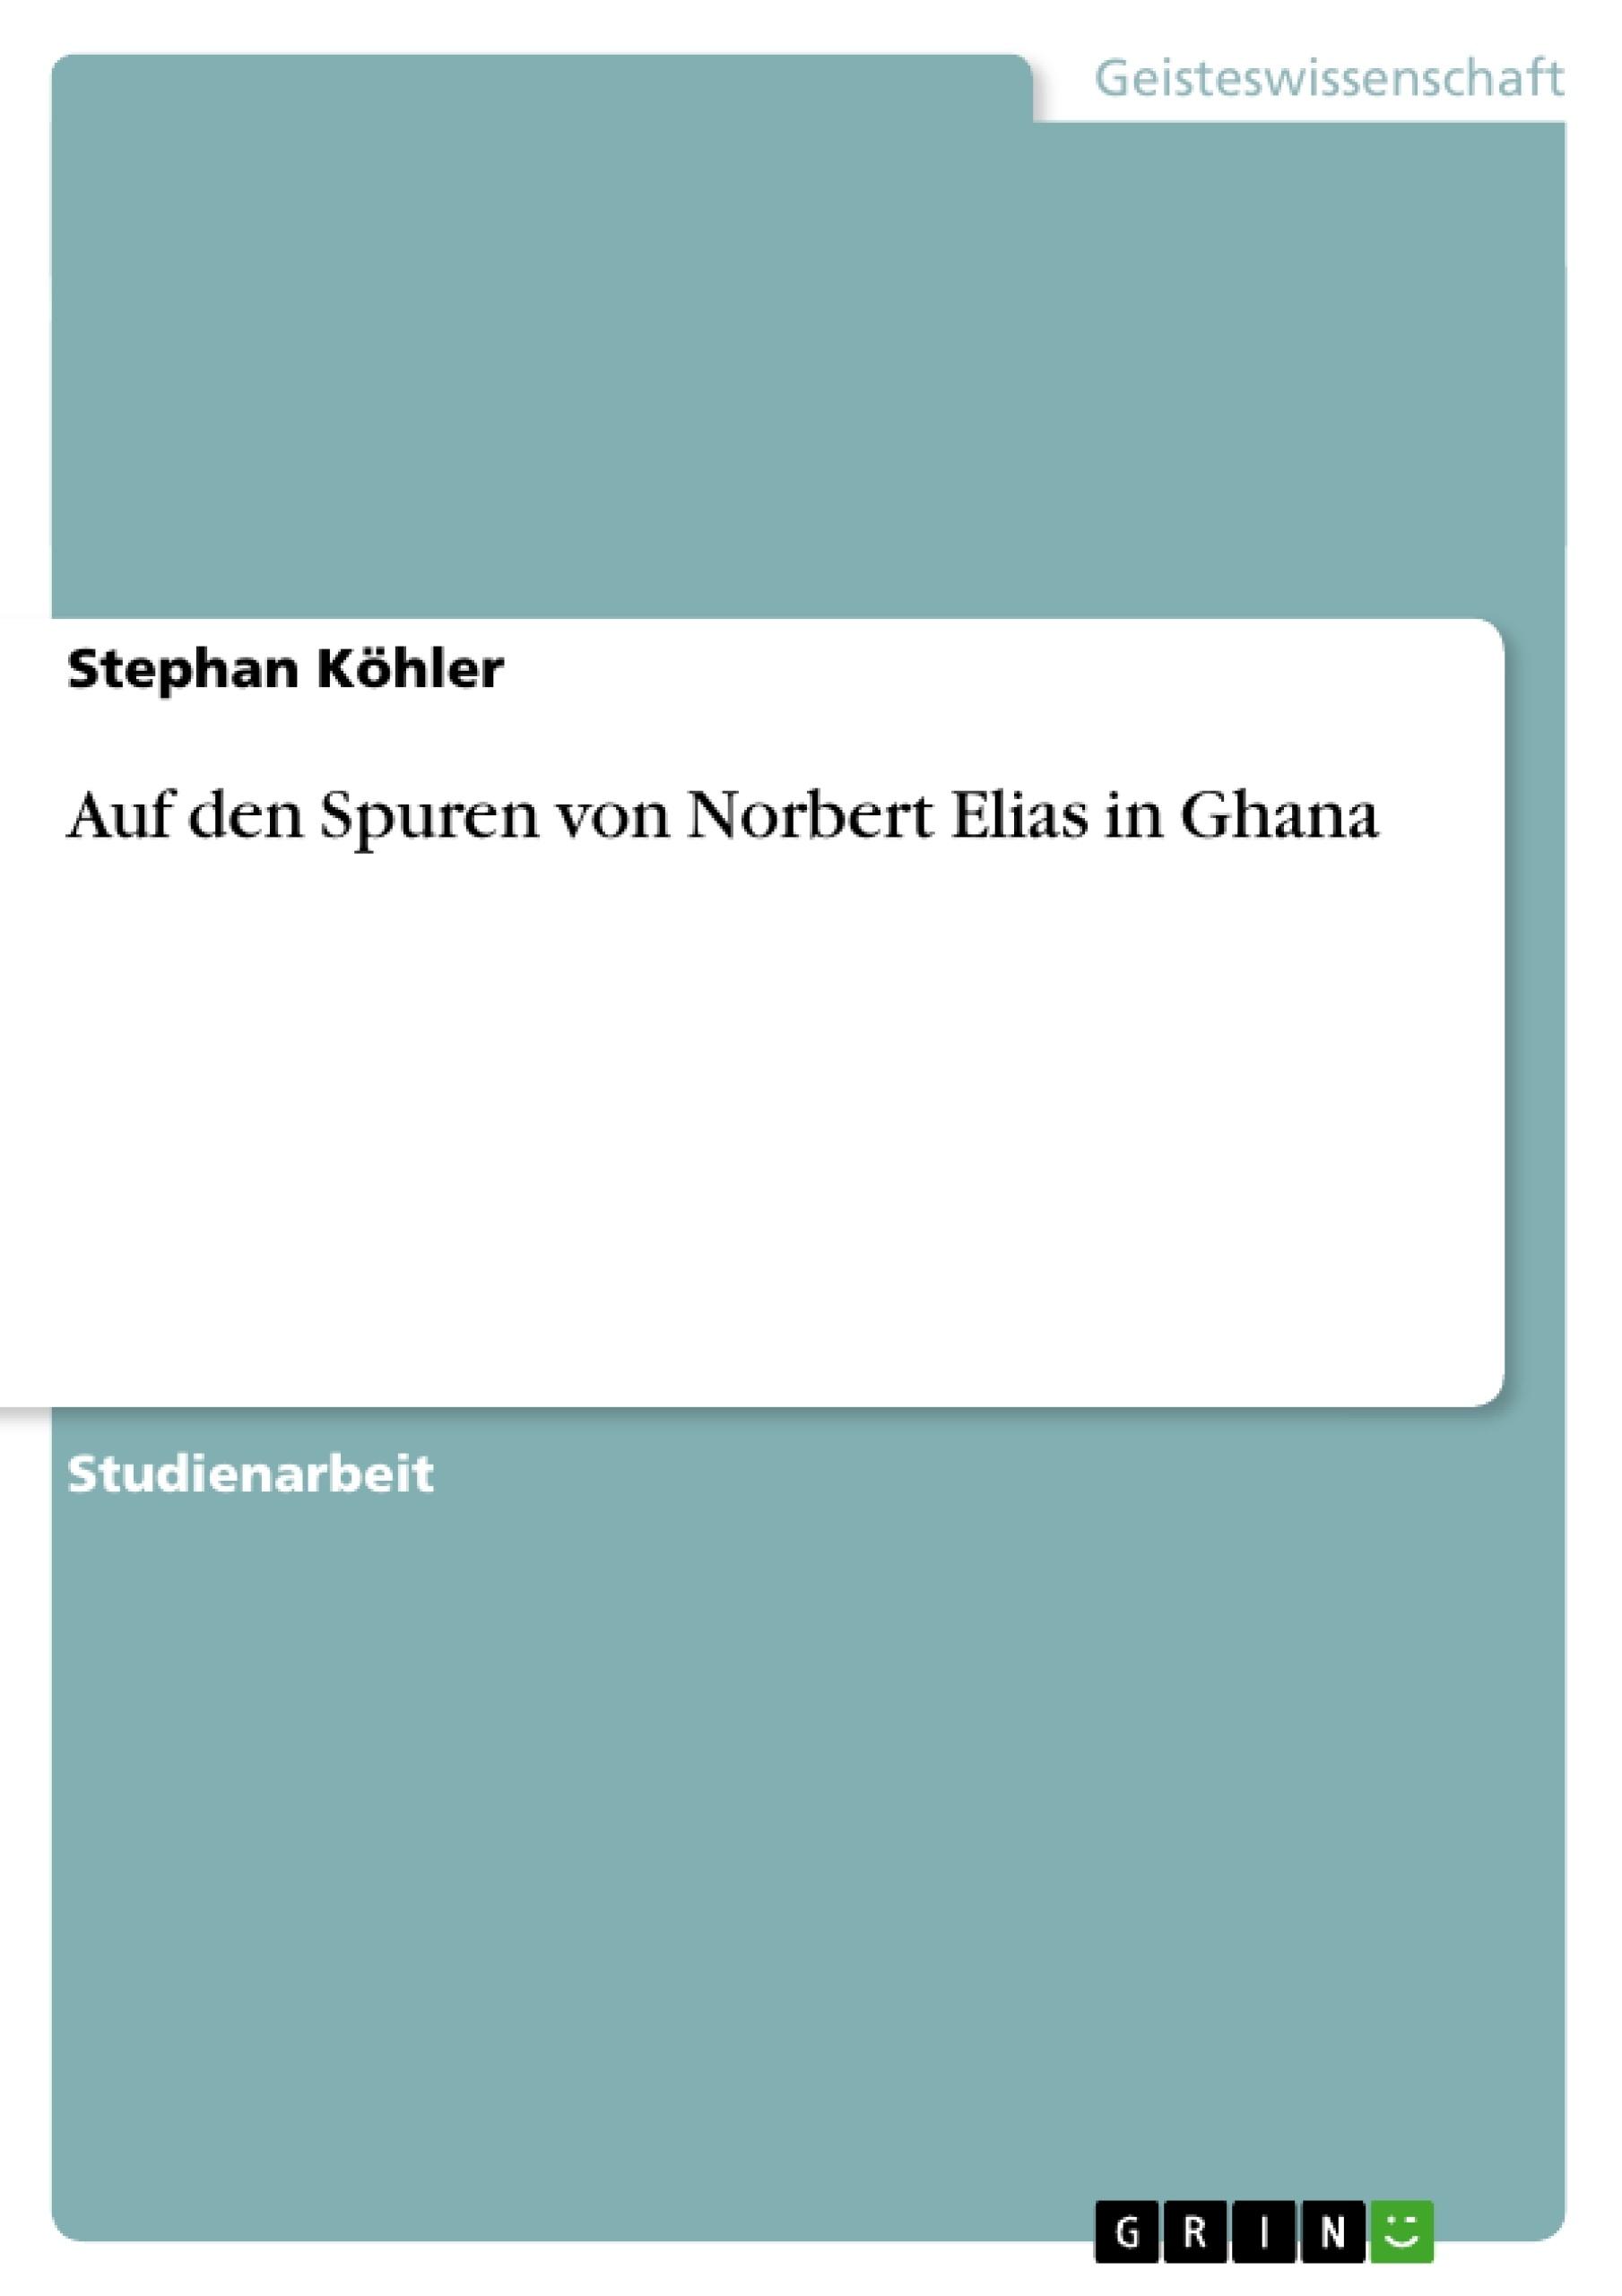 Titel: Auf den Spuren von Norbert Elias in Ghana